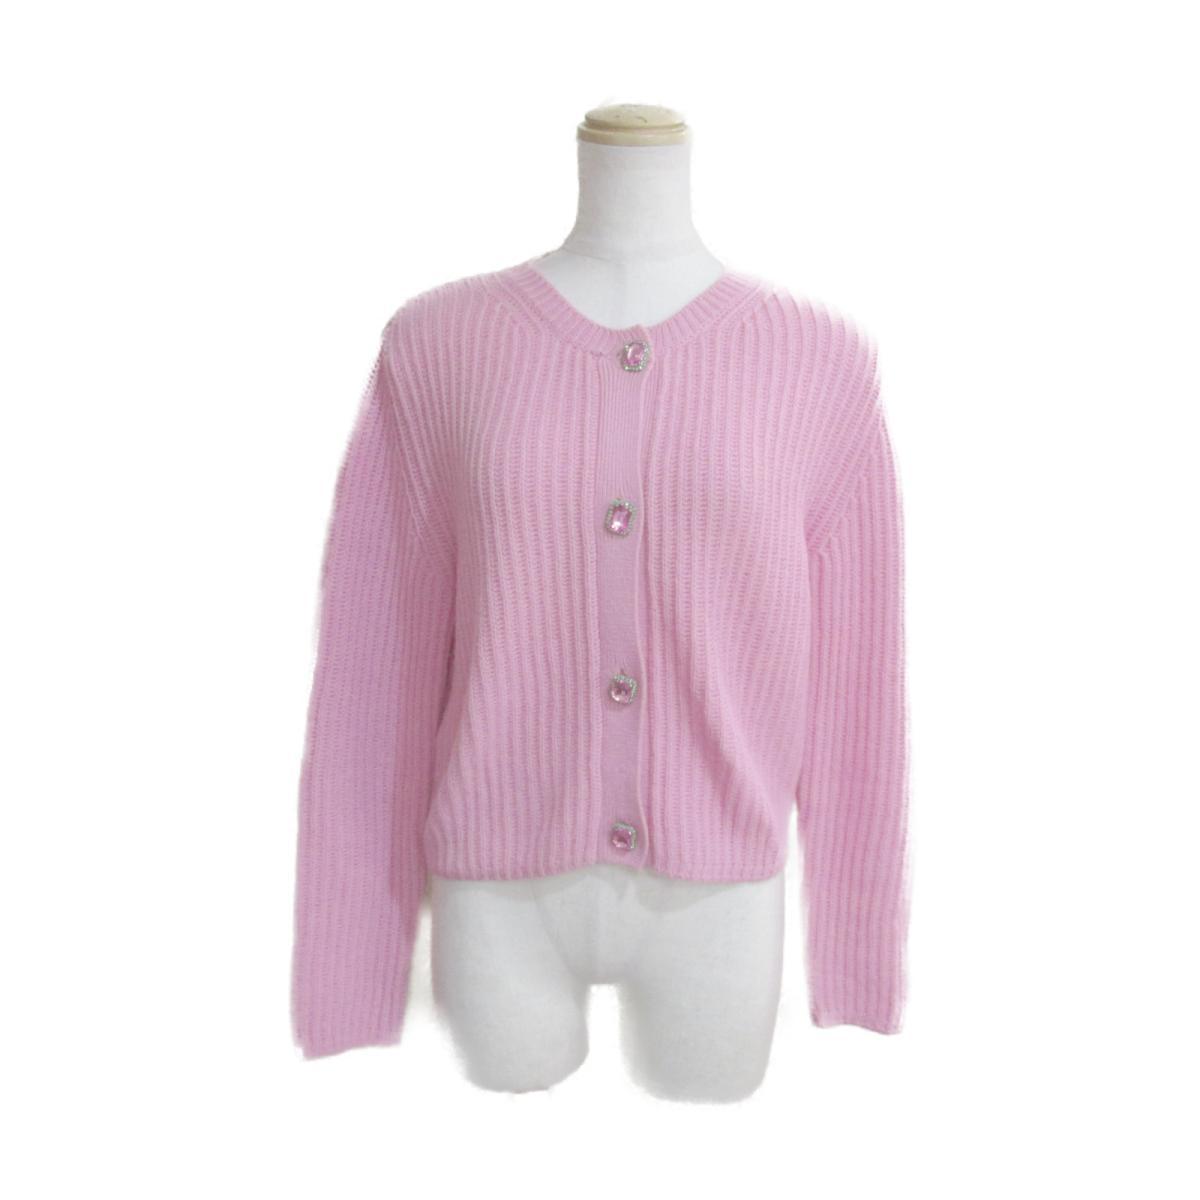 【中古】 ミュウミュウ カーディガン ビジューボタン レディース カシミア100% ピンク | miu BRANDOFF ブランドオフ 衣料品 衣類 ブランド トップス ボレロ